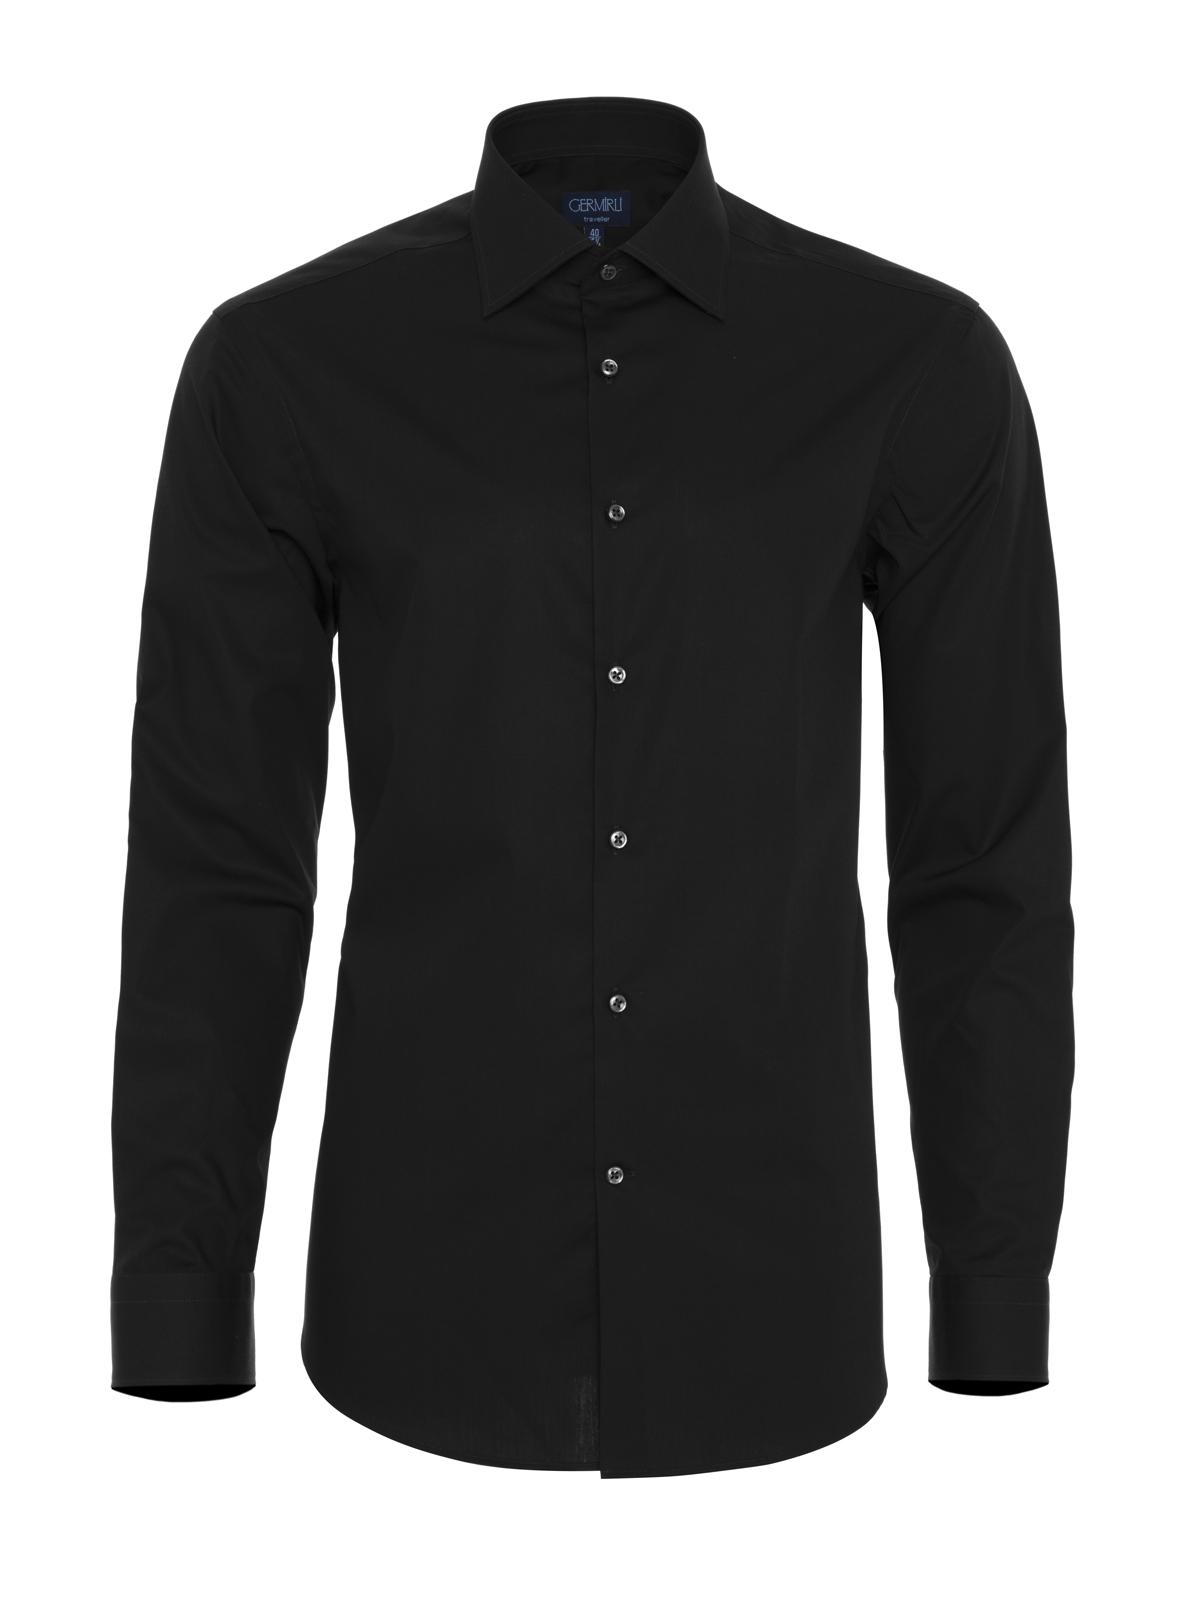 Germirli Non Iron Laci Poplin Klasik Yaka Tailor Fit Gömlek